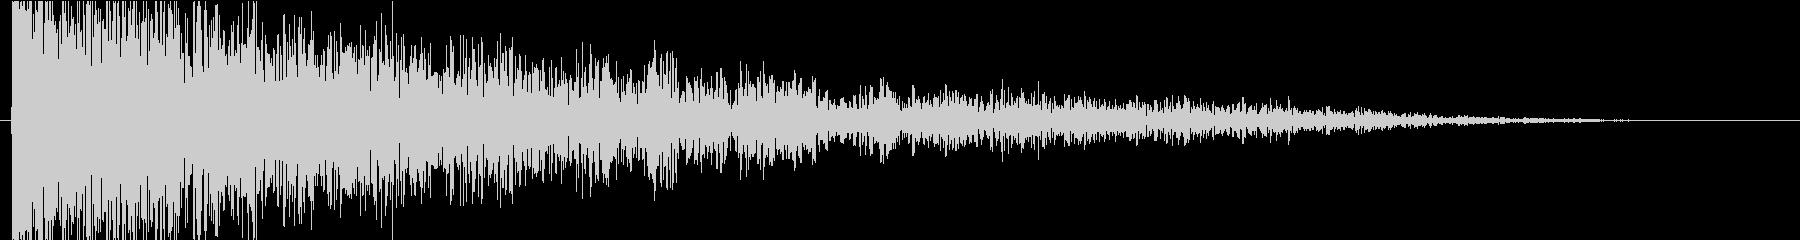 ドーン(巨大な衝撃音)音程Fの未再生の波形